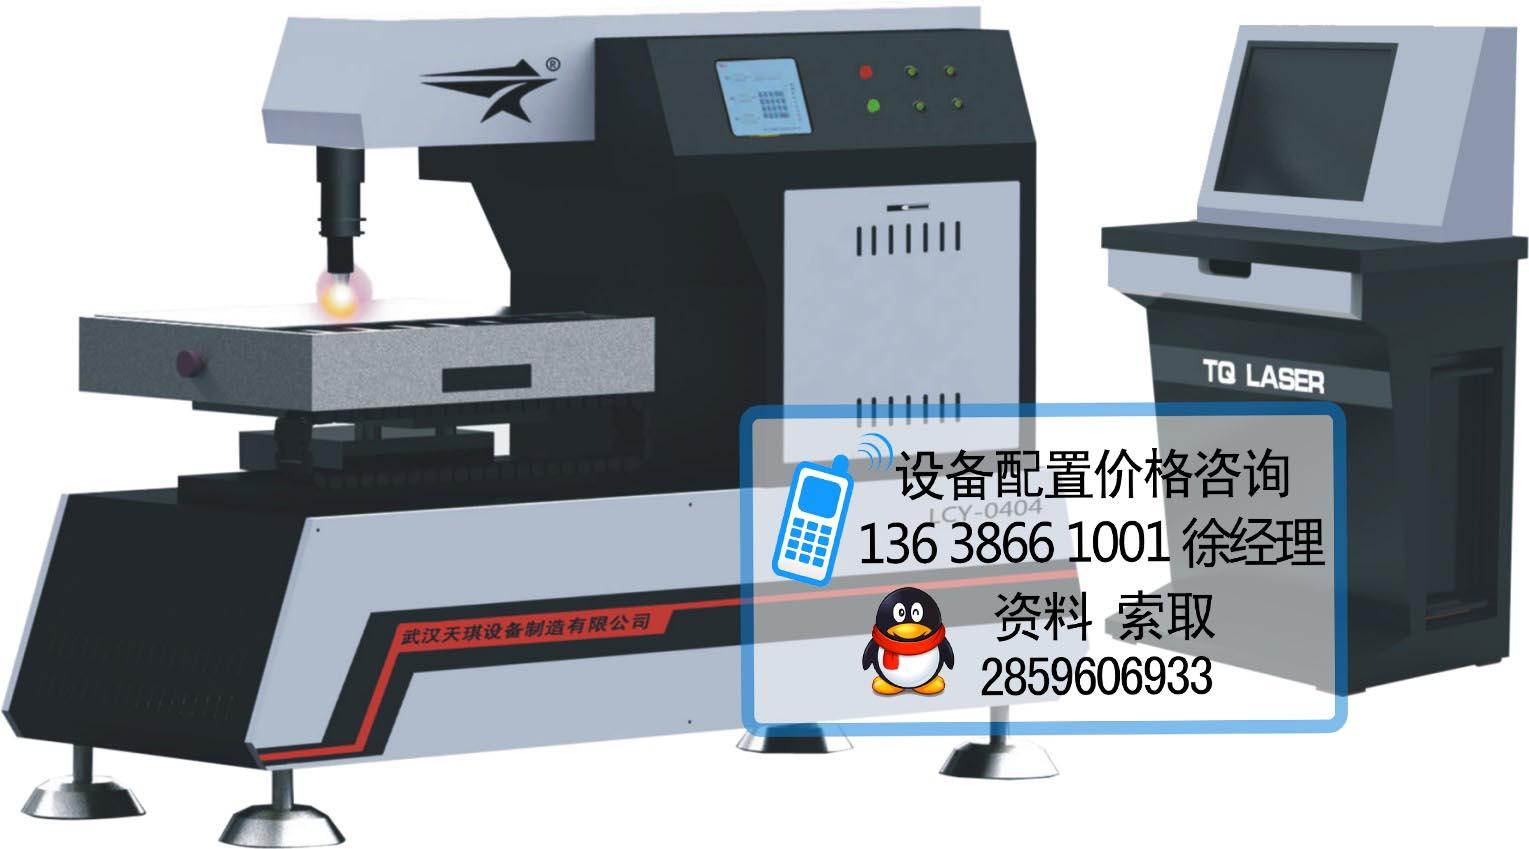 固体激光切割机,机器人激光切割机,激光打标机,激光焊接机等30多种